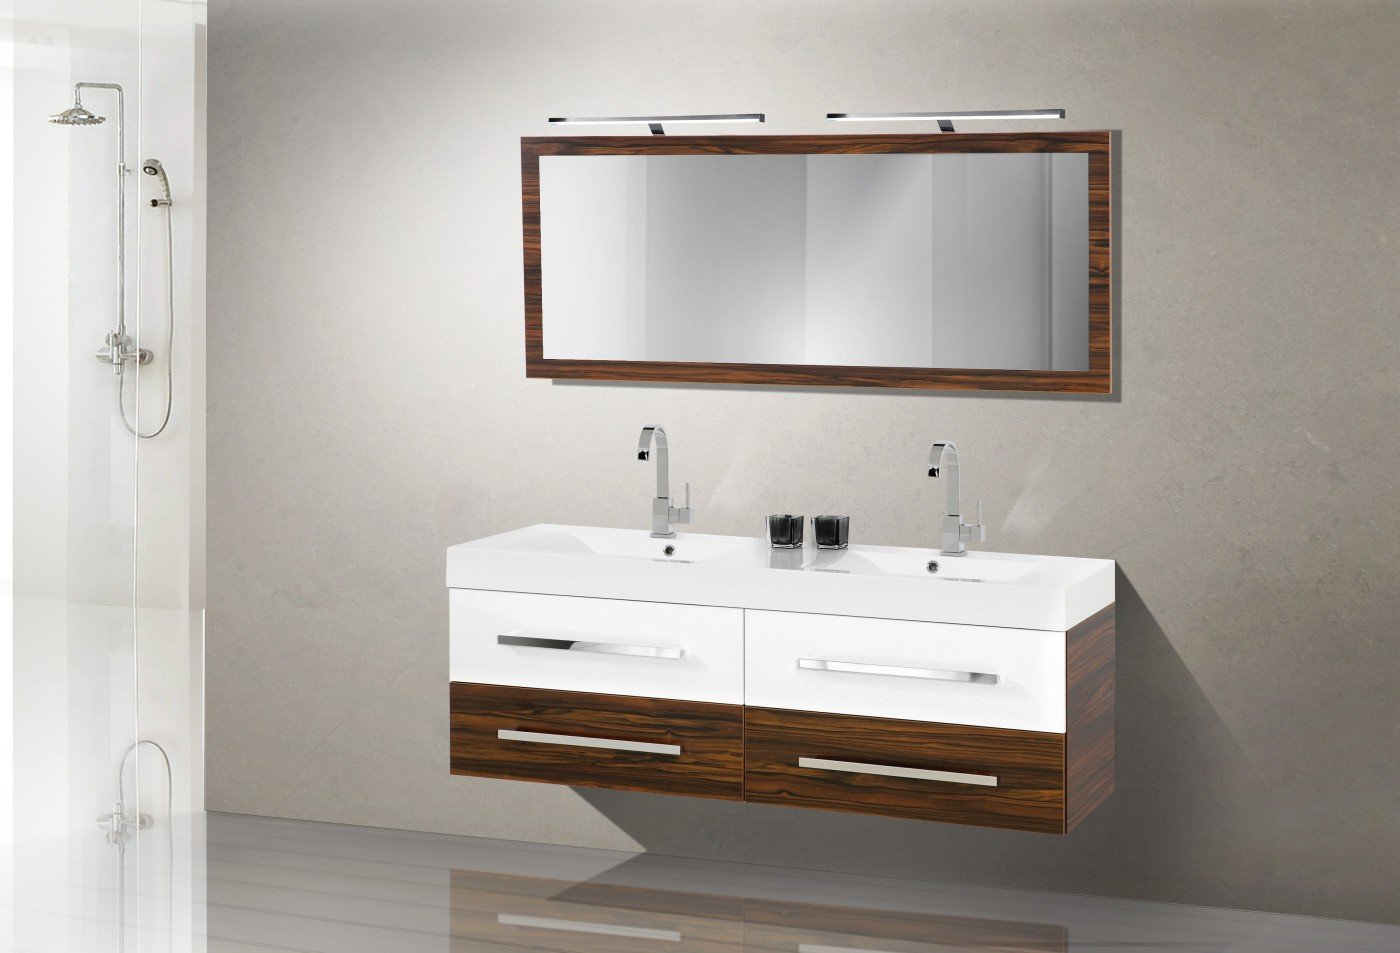 Badmöbel Set mit Waschbecken und Doppelwaschtisch 160 cm günstig kaufen